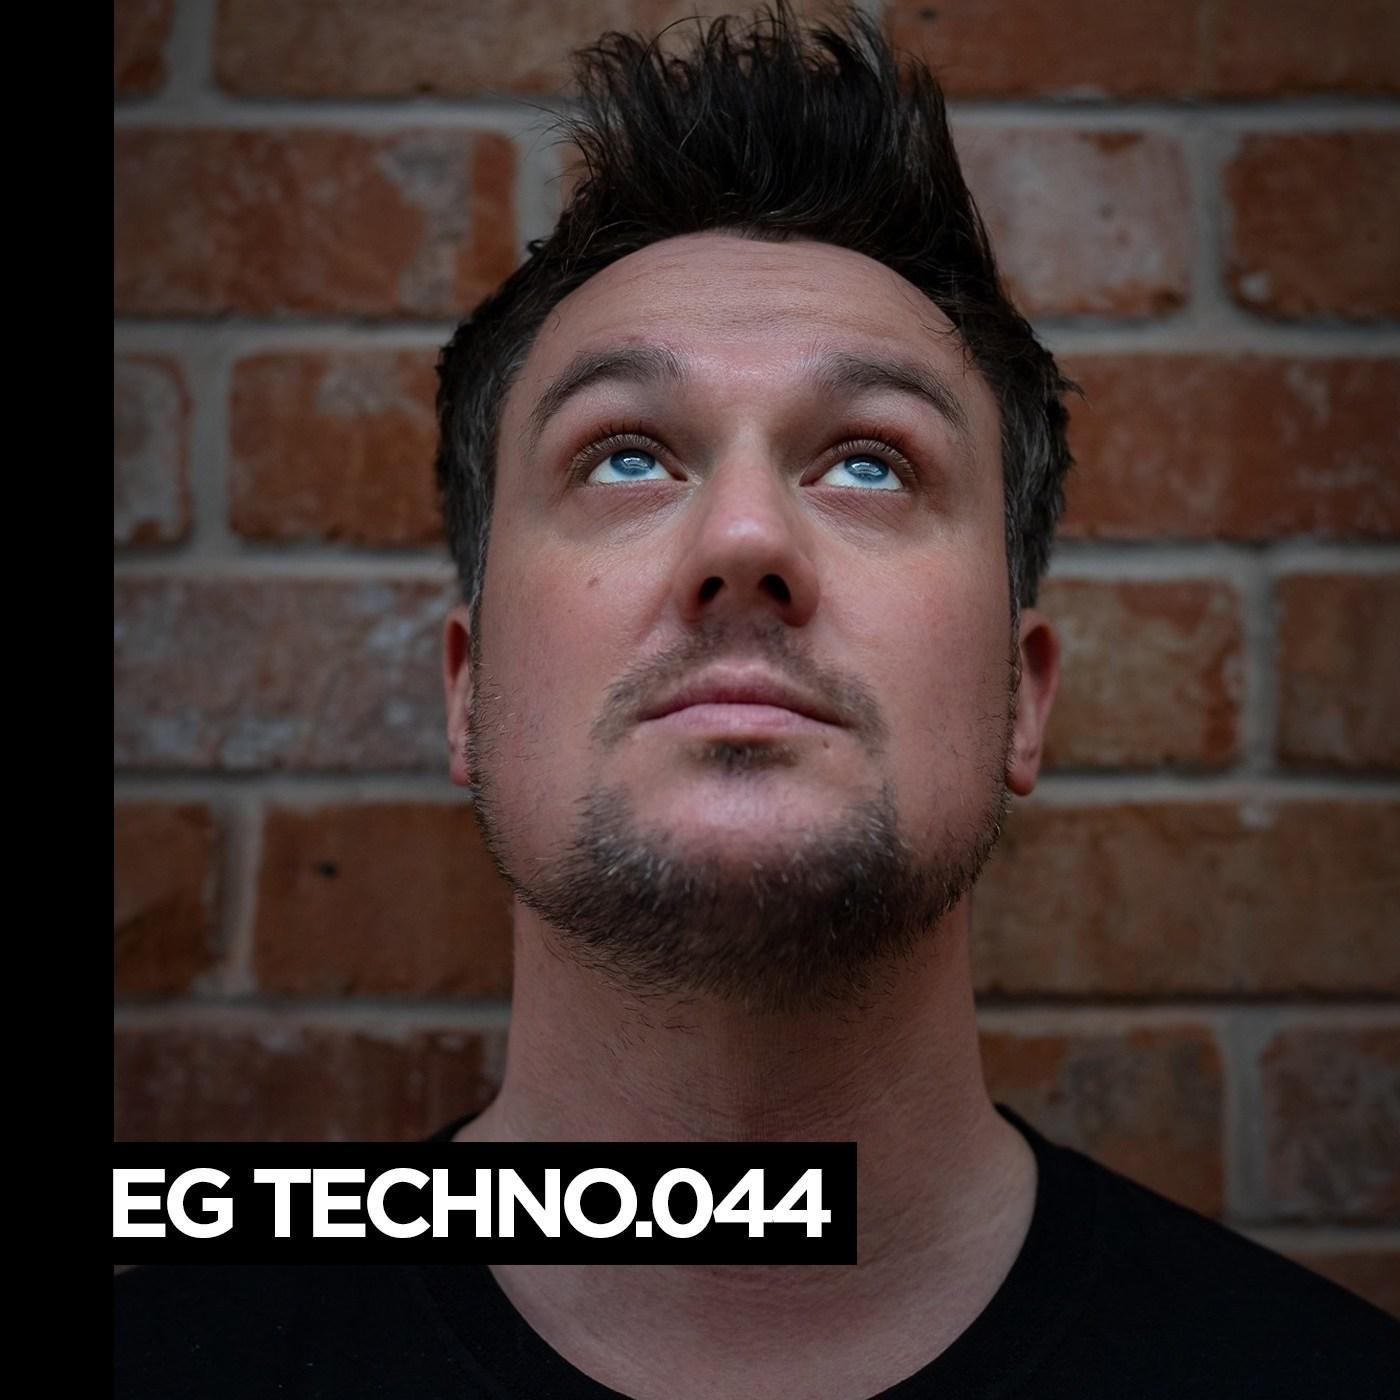 Eg-techno-rwns